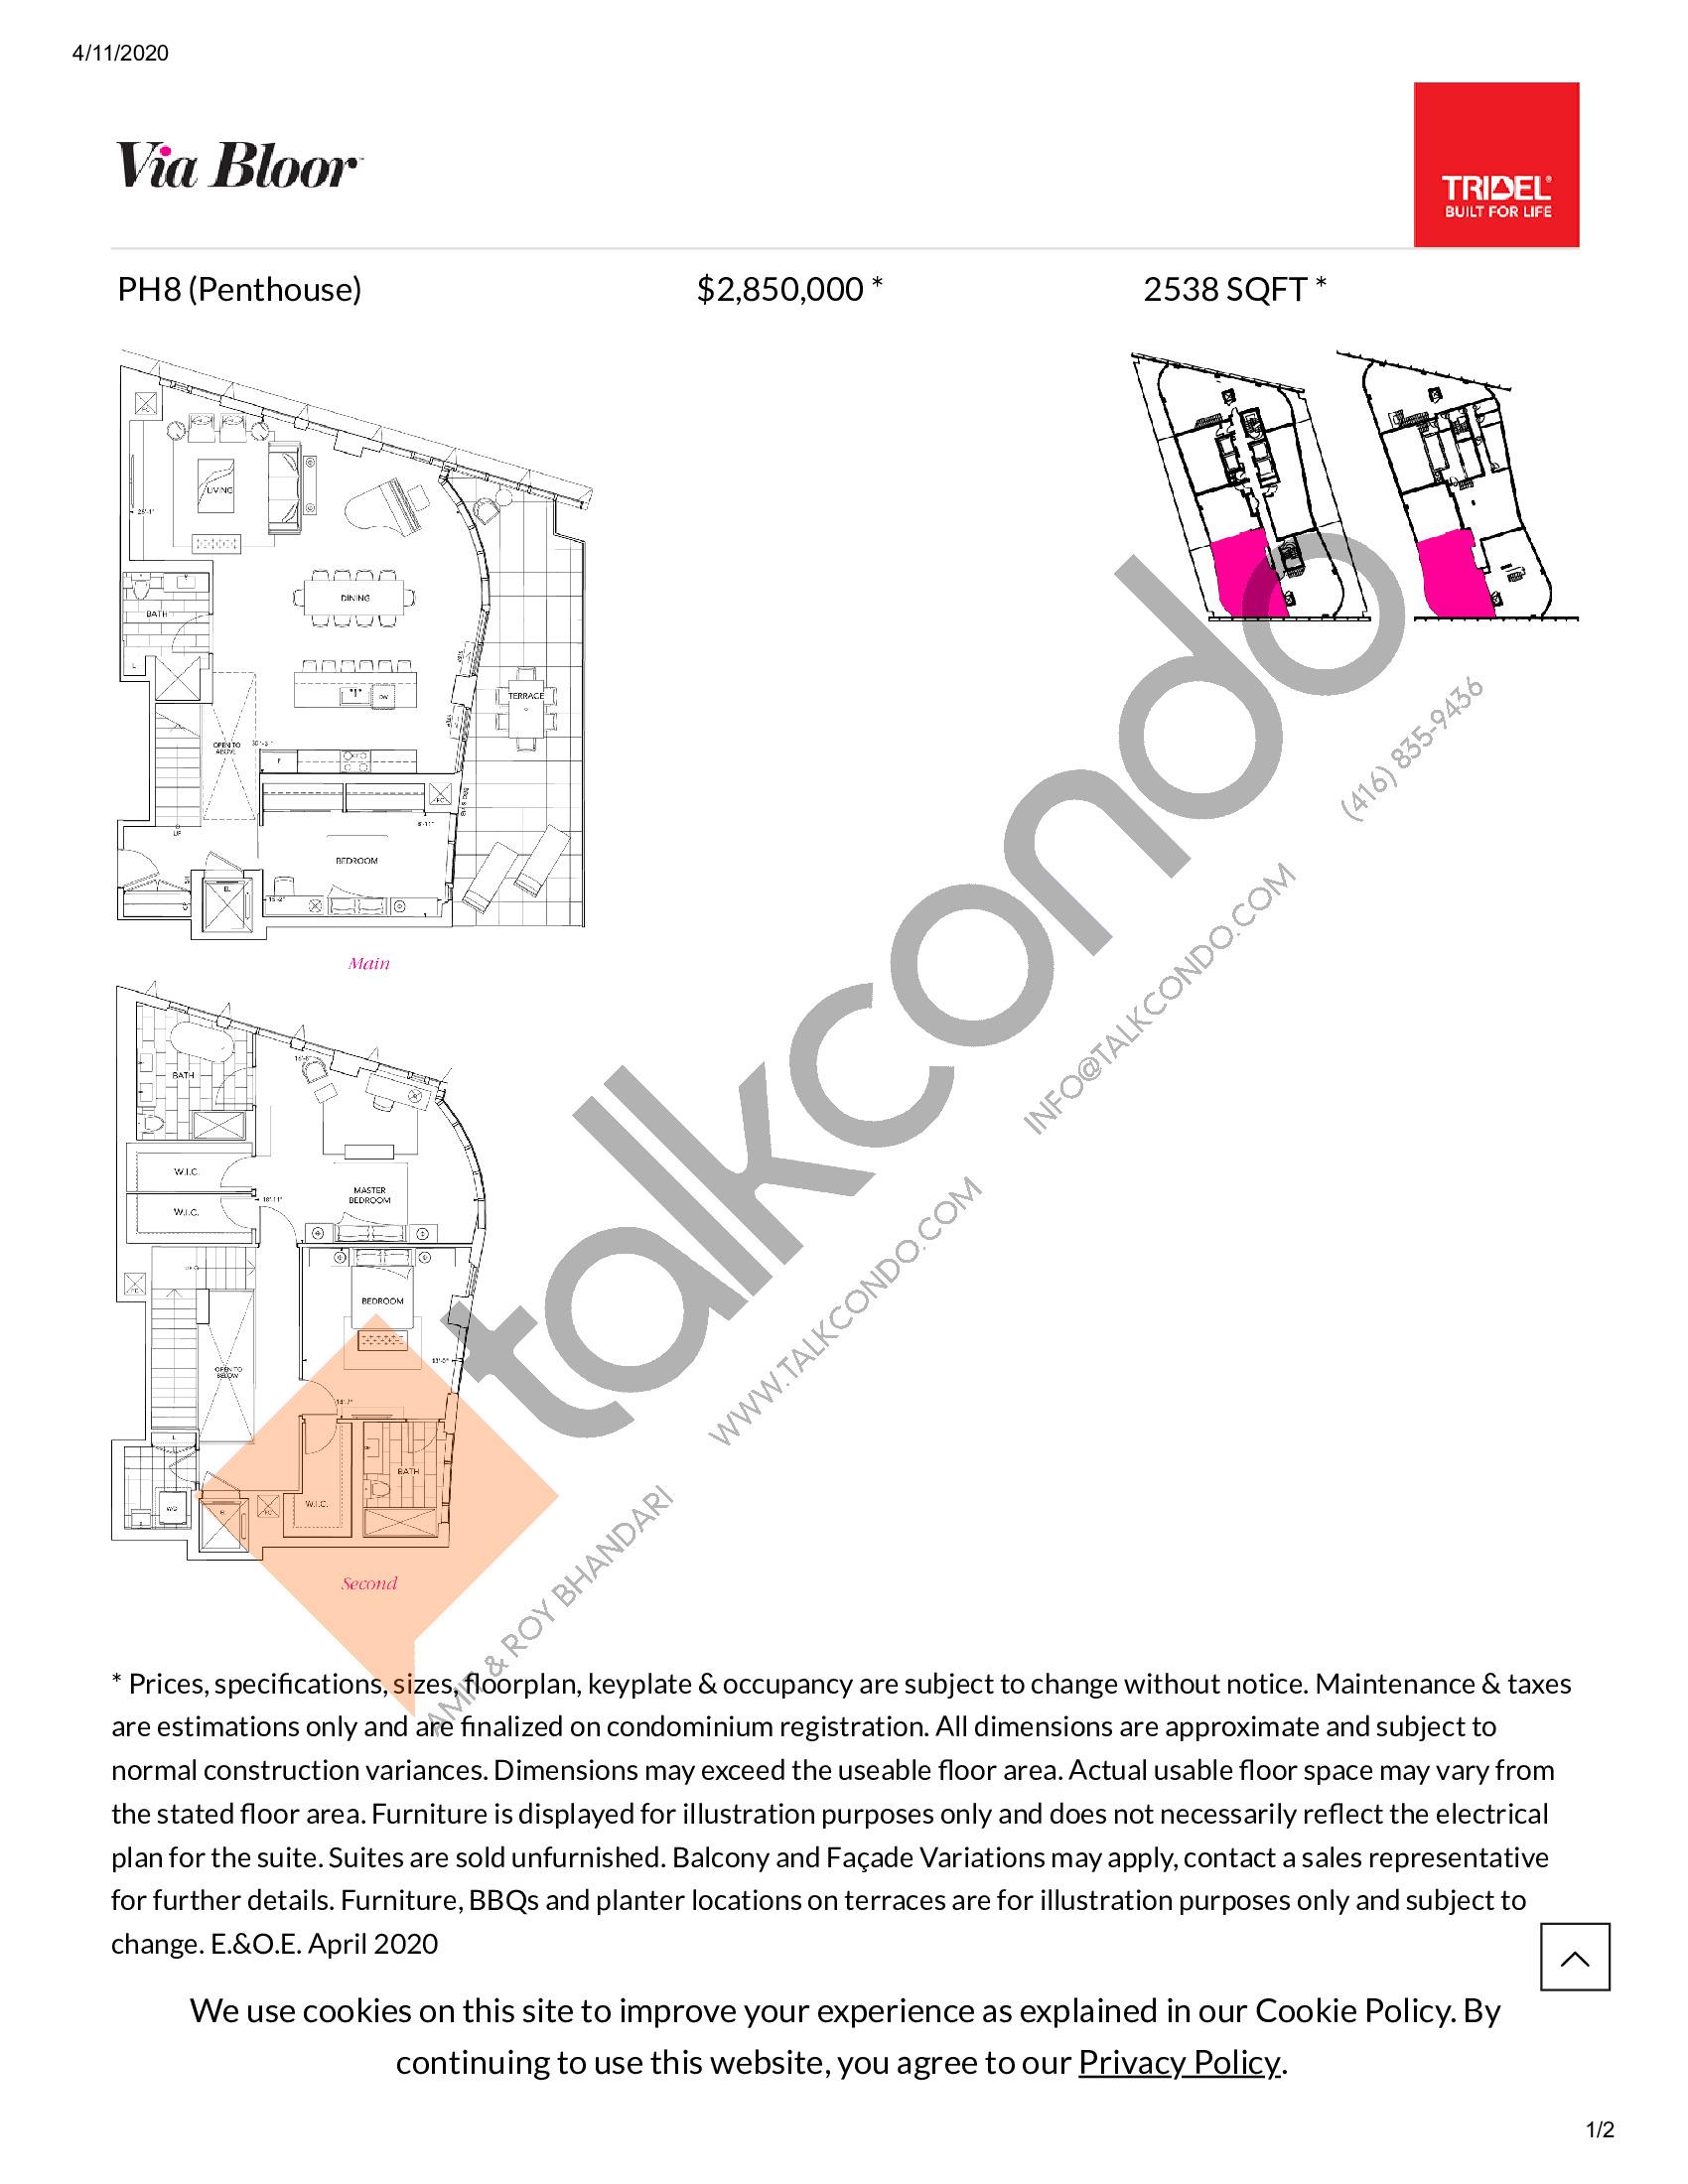 PH8 Floor Plan at Via Bloor Condos - 2538 sq.ft